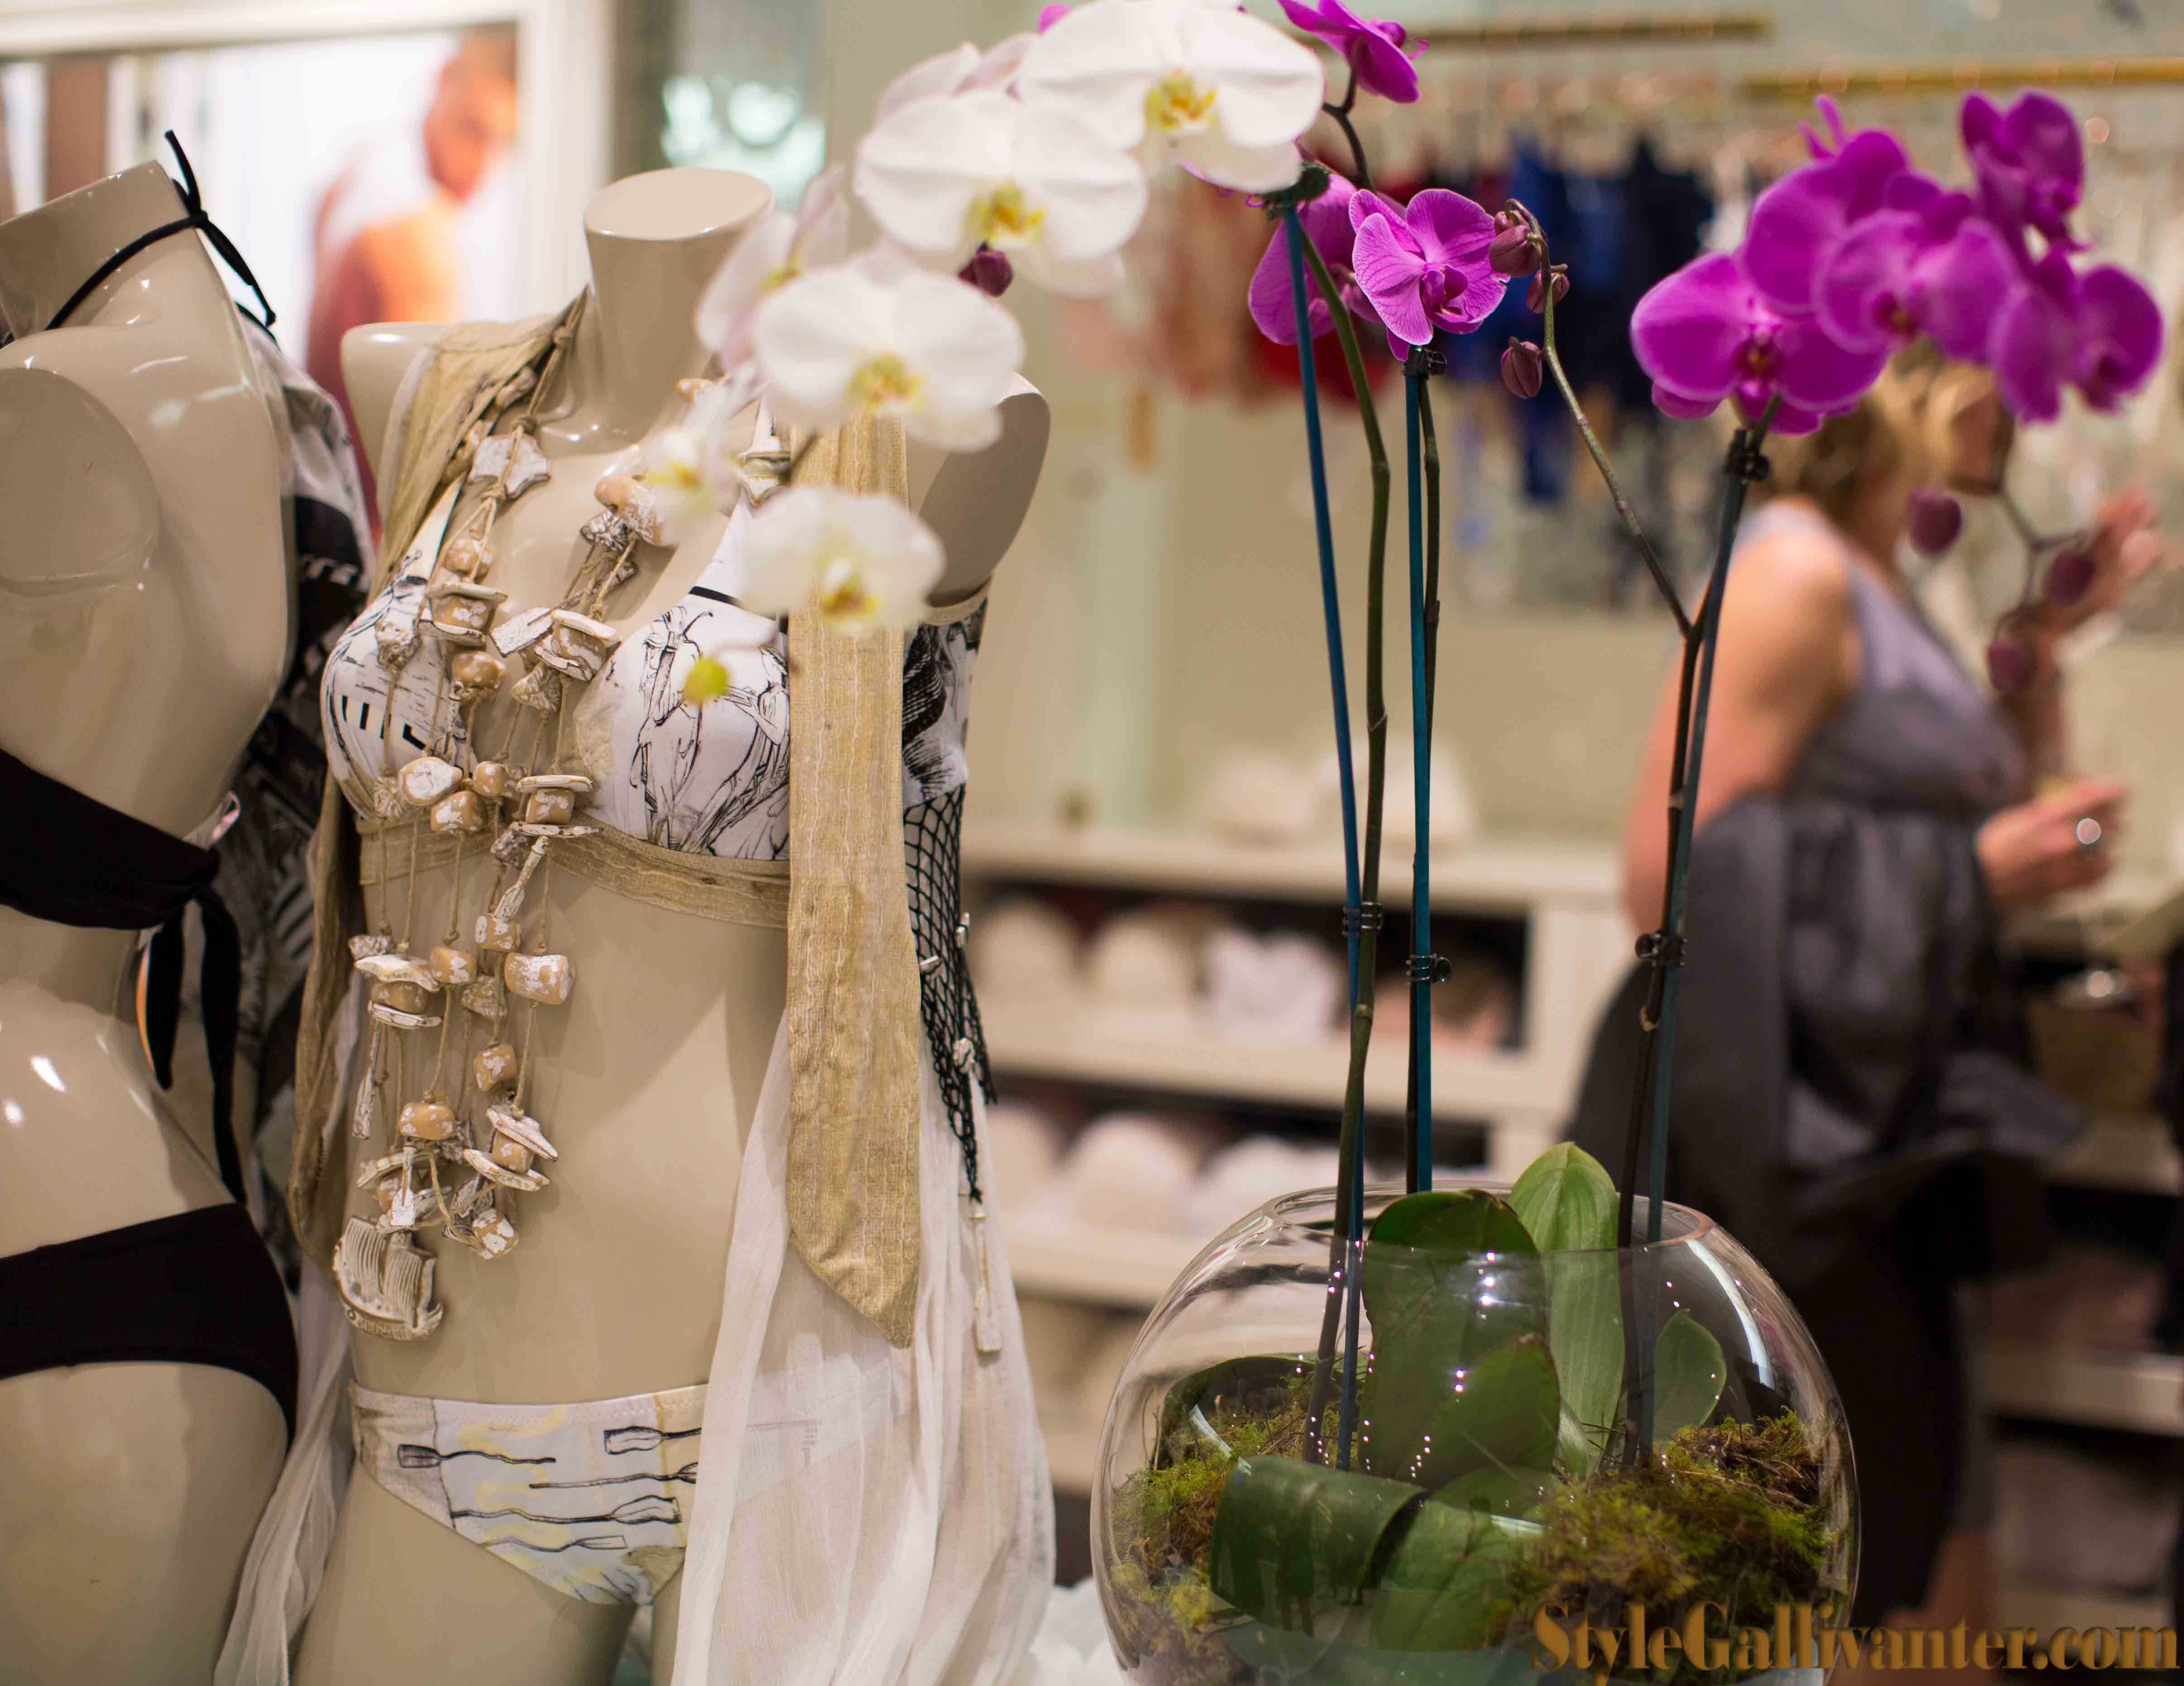 romantic-lingerie_IM-Lingerie_im-lingerie-crown-launch_best-bloggers-melbourne_best-lingerie-australia_la-perla-melbourne_sexy-classy-lingerie-melbourne_crown-melbourne-store-launch_exclusive-events-melbourne-5